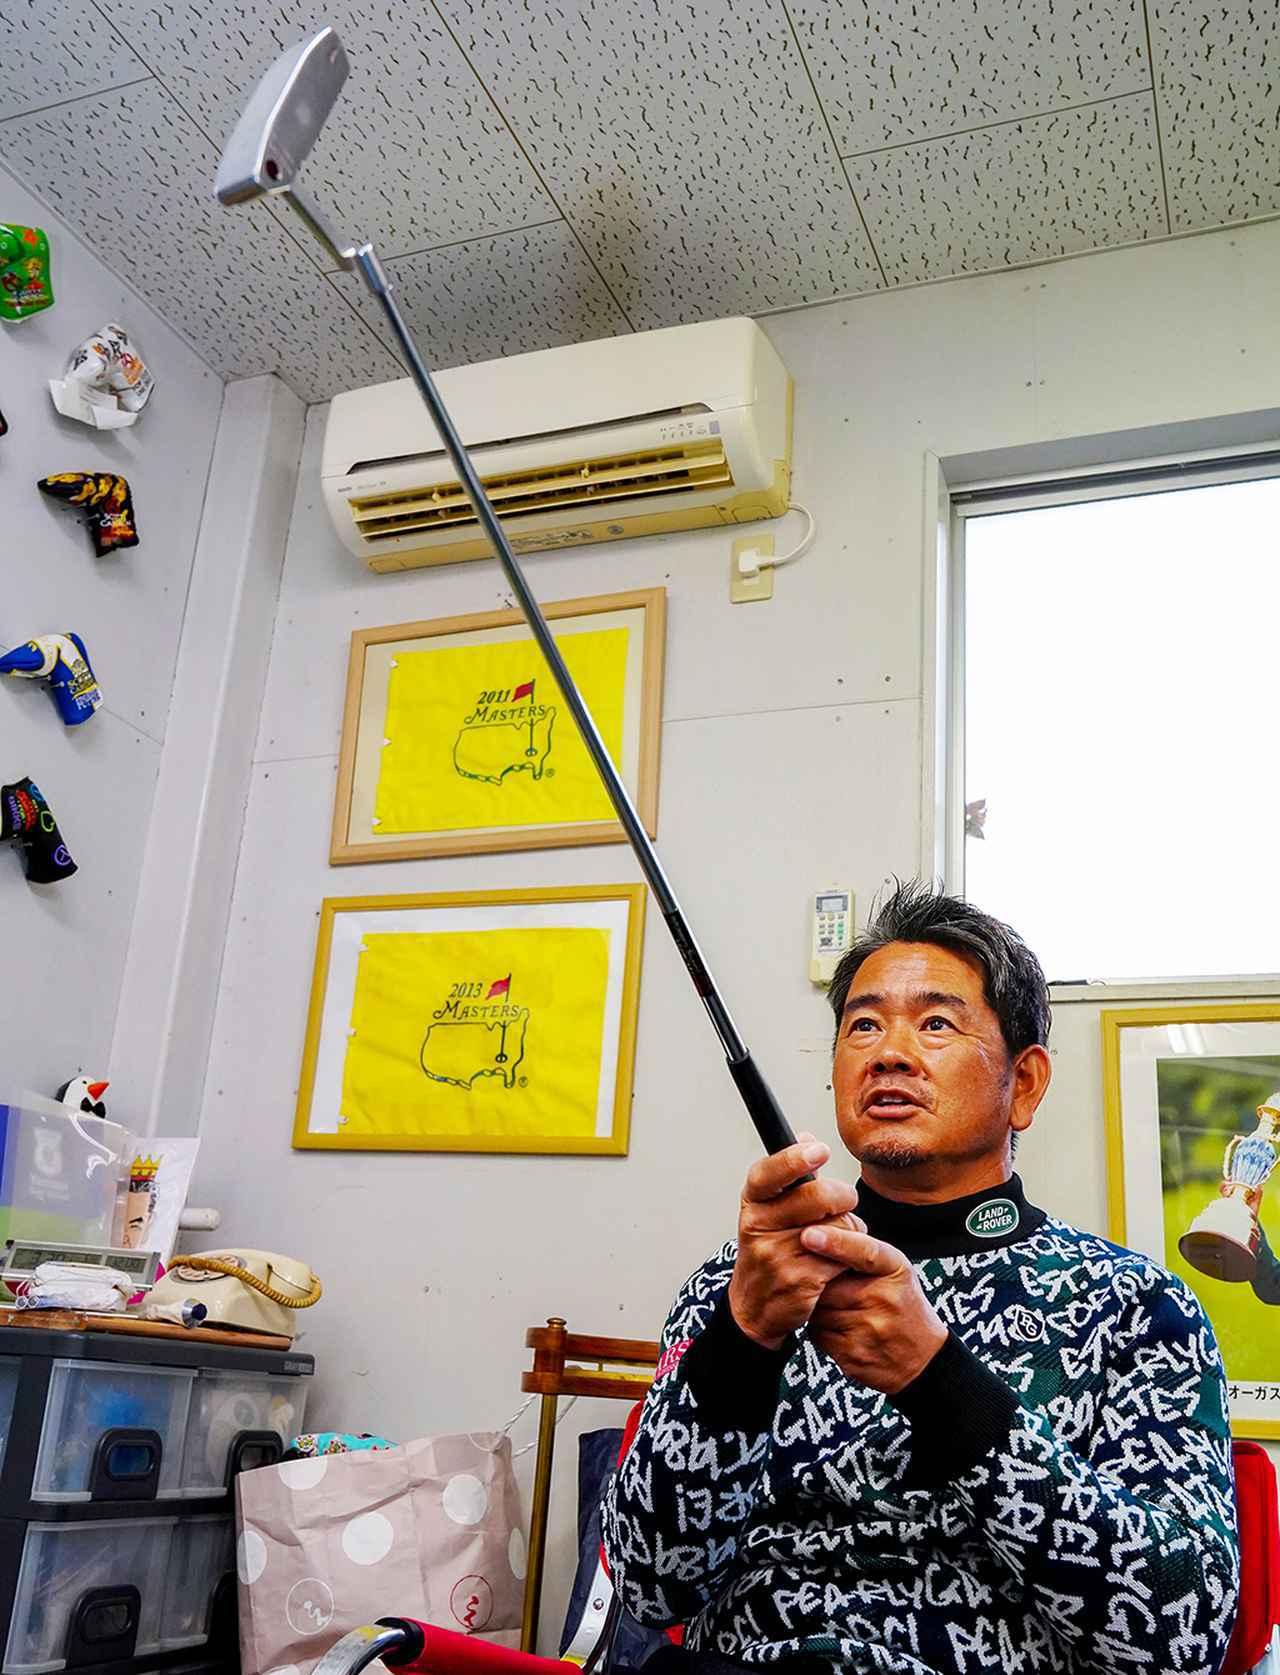 画像: 28年間過ごした倶楽部には、「藤田部屋」と呼ばれるトレーニング室がある。かつての使用パターもズラリと。